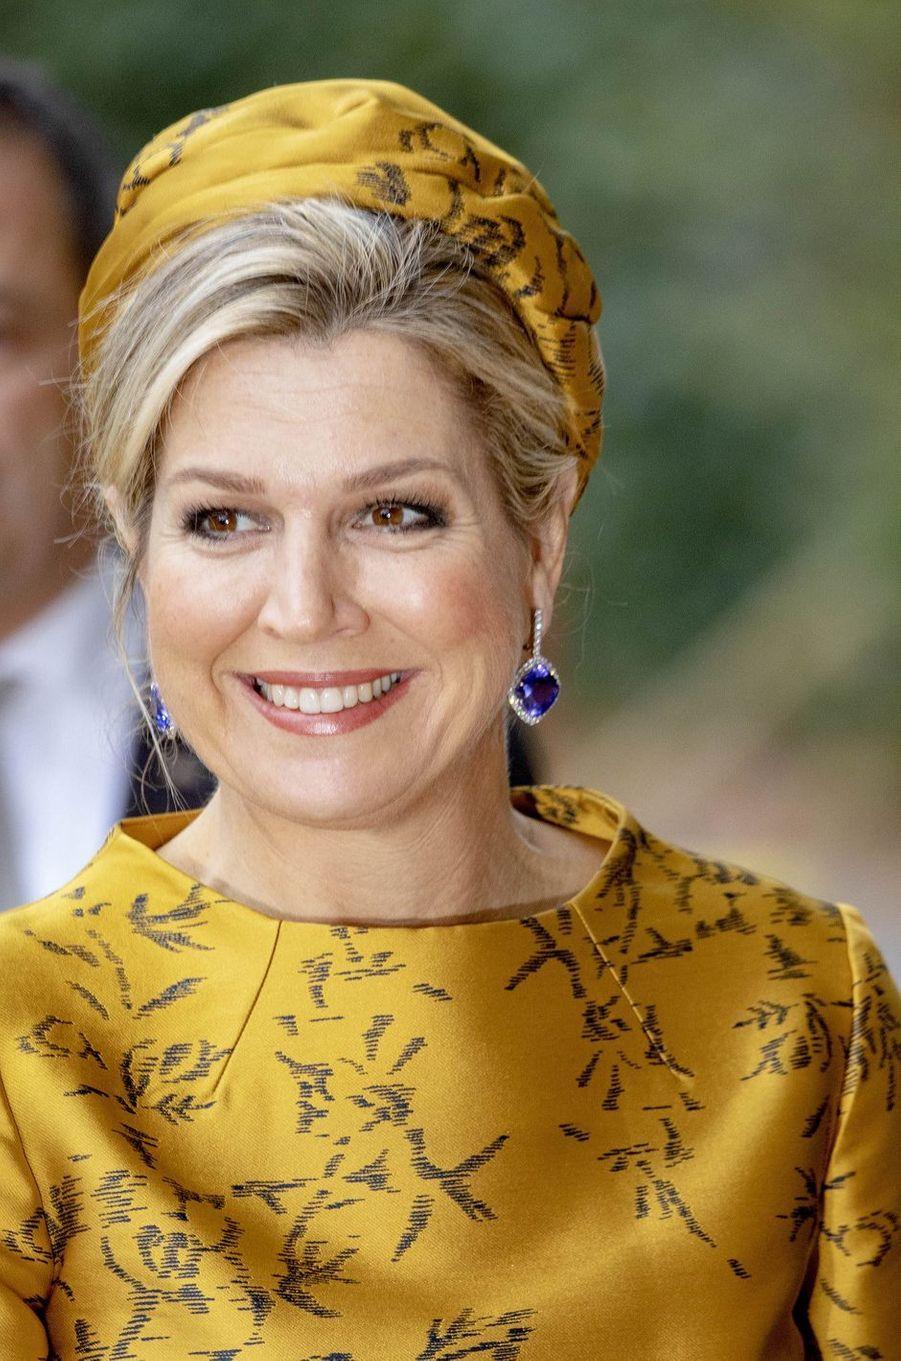 Les boucles d'oreille de la reine Maxima des Pays-Bas à Amsterdam, le 6 décembre 2018